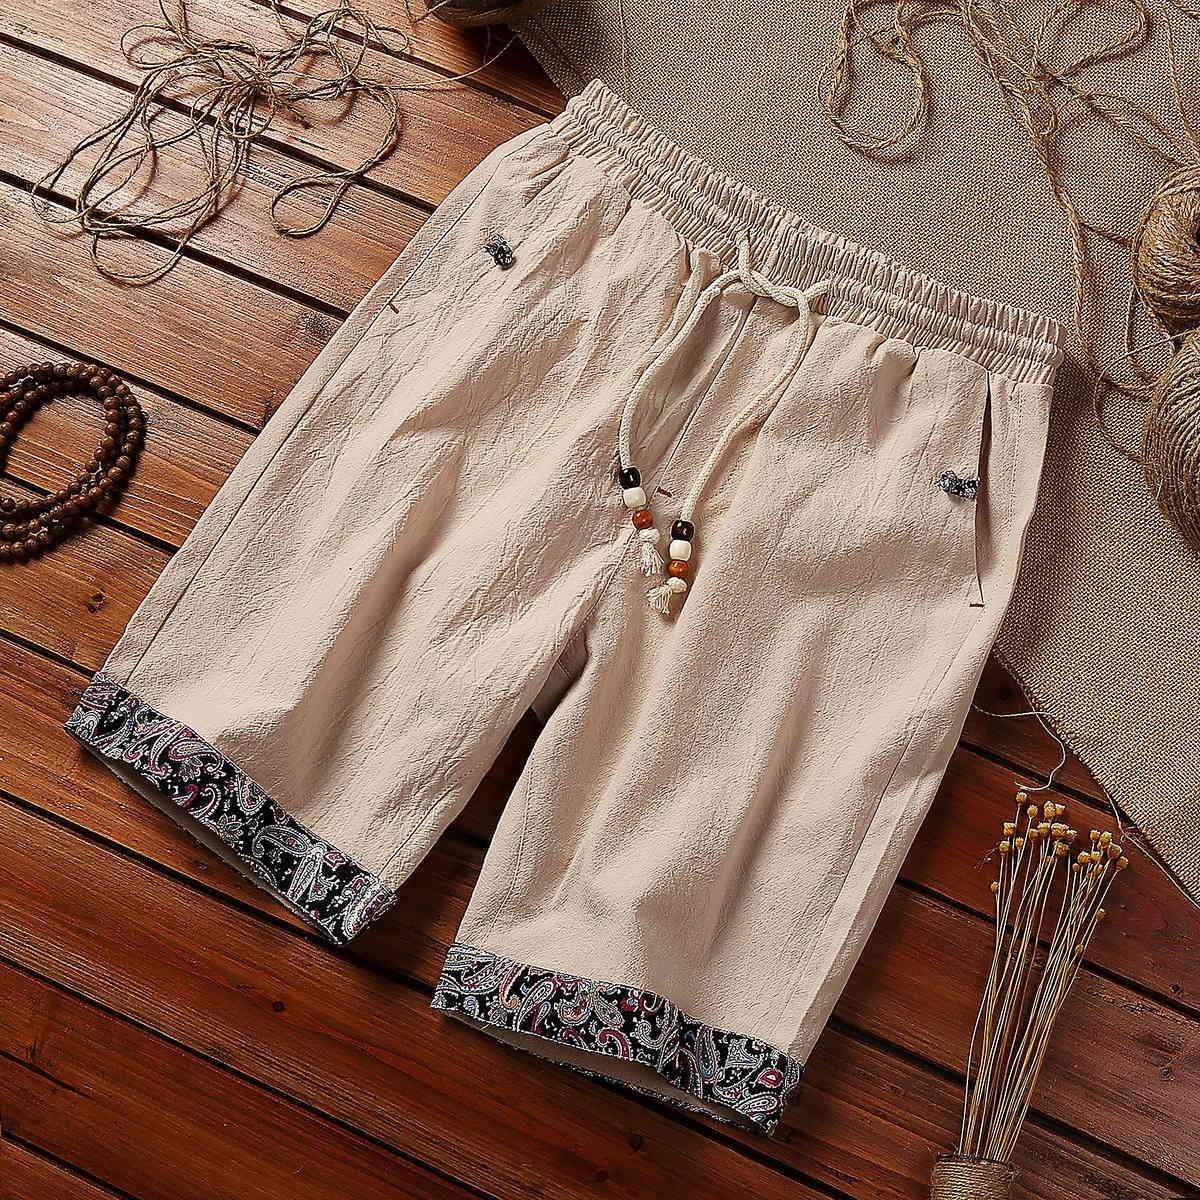 Шорты 2021 Летняя одежда Большой хлопчатобумажный мужской молодежи свободных сплошных цветных брюк